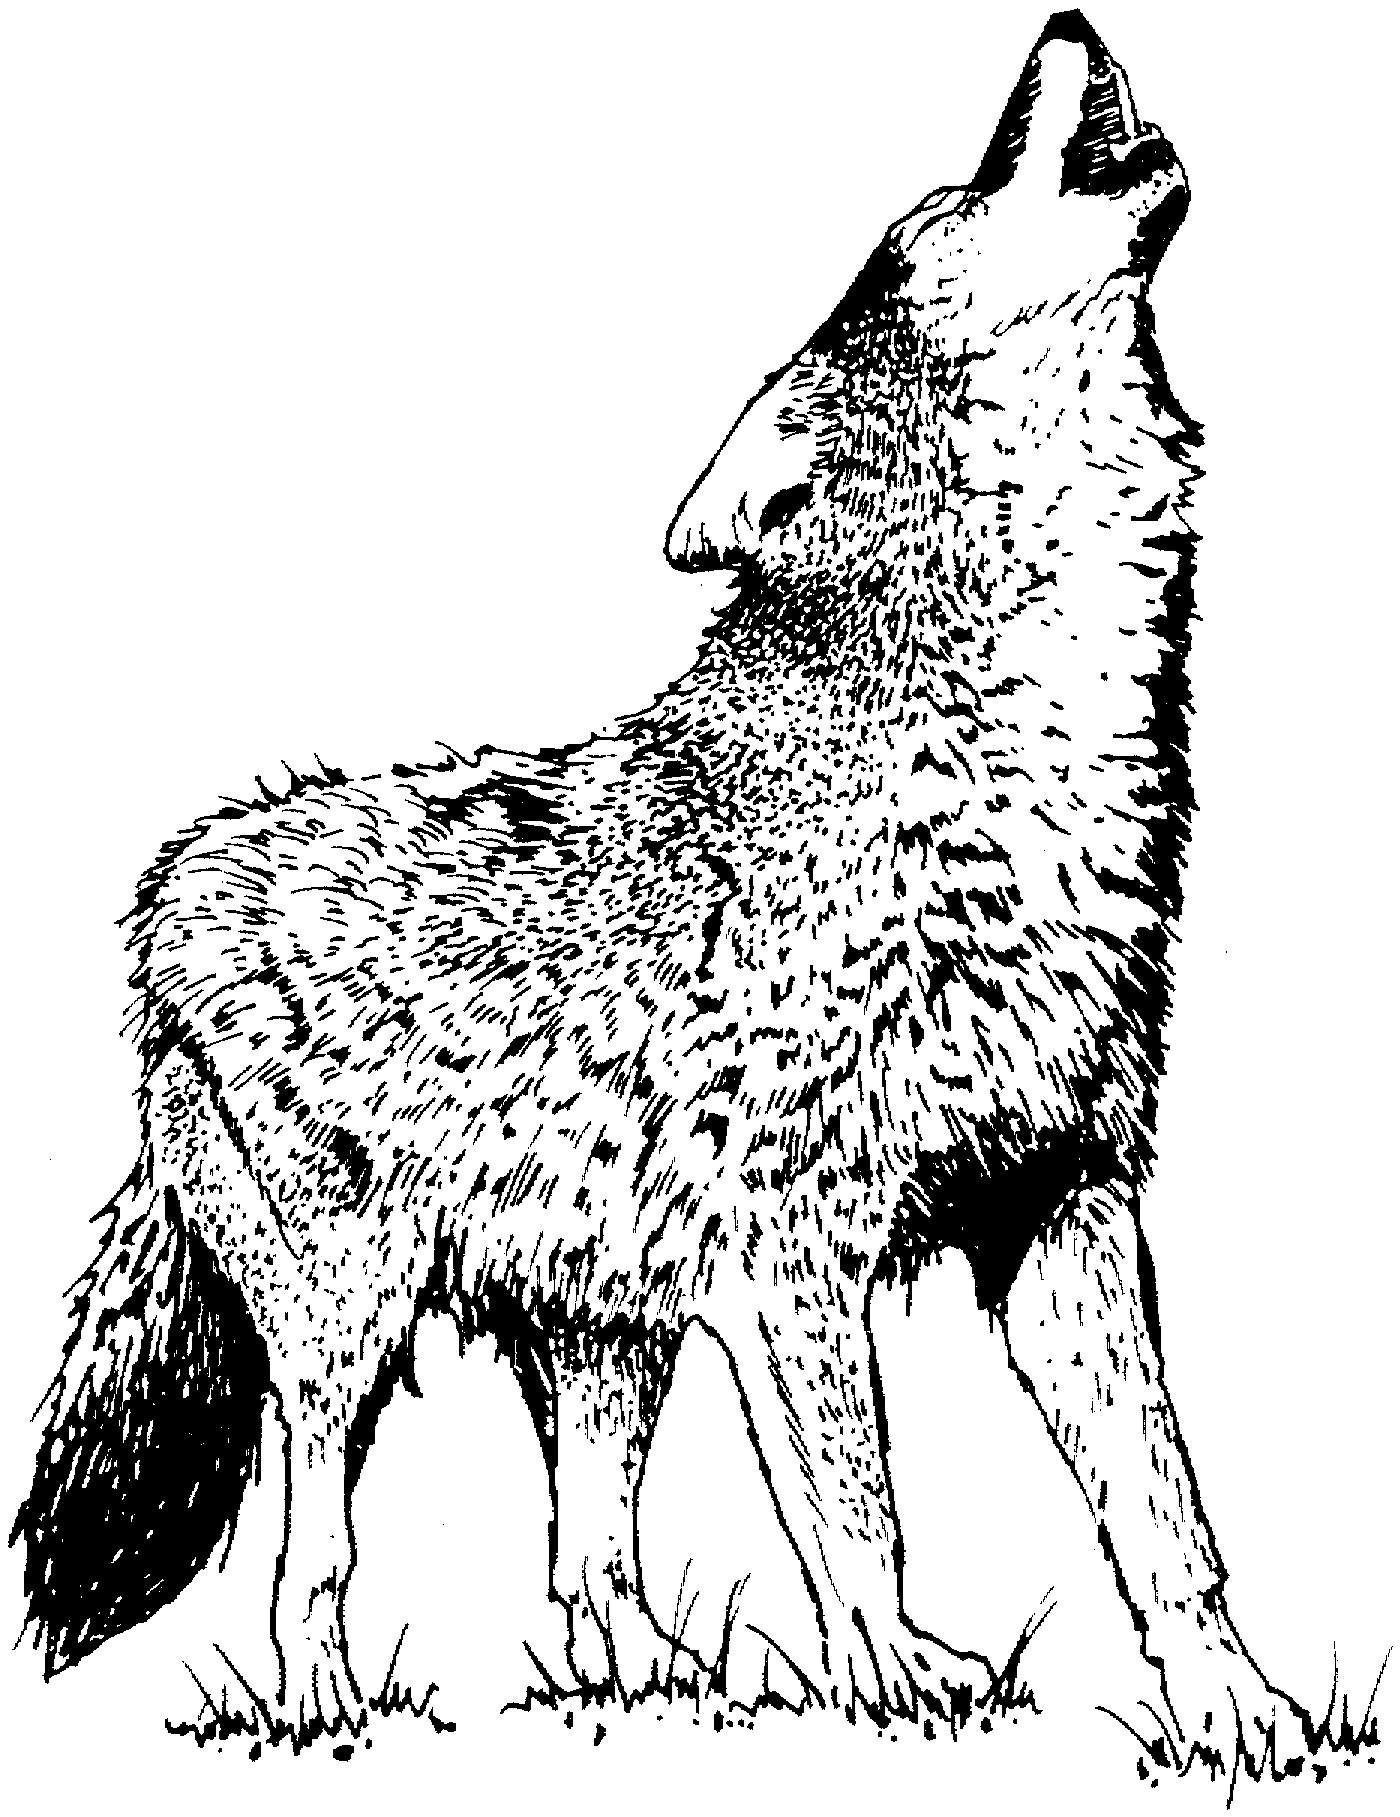 Wolf Bilder Zum Ausmalen Genial Wolf Malvorlagen Schön Malvorlagen Fur Kinder Ausmalbilder Wolf Bild